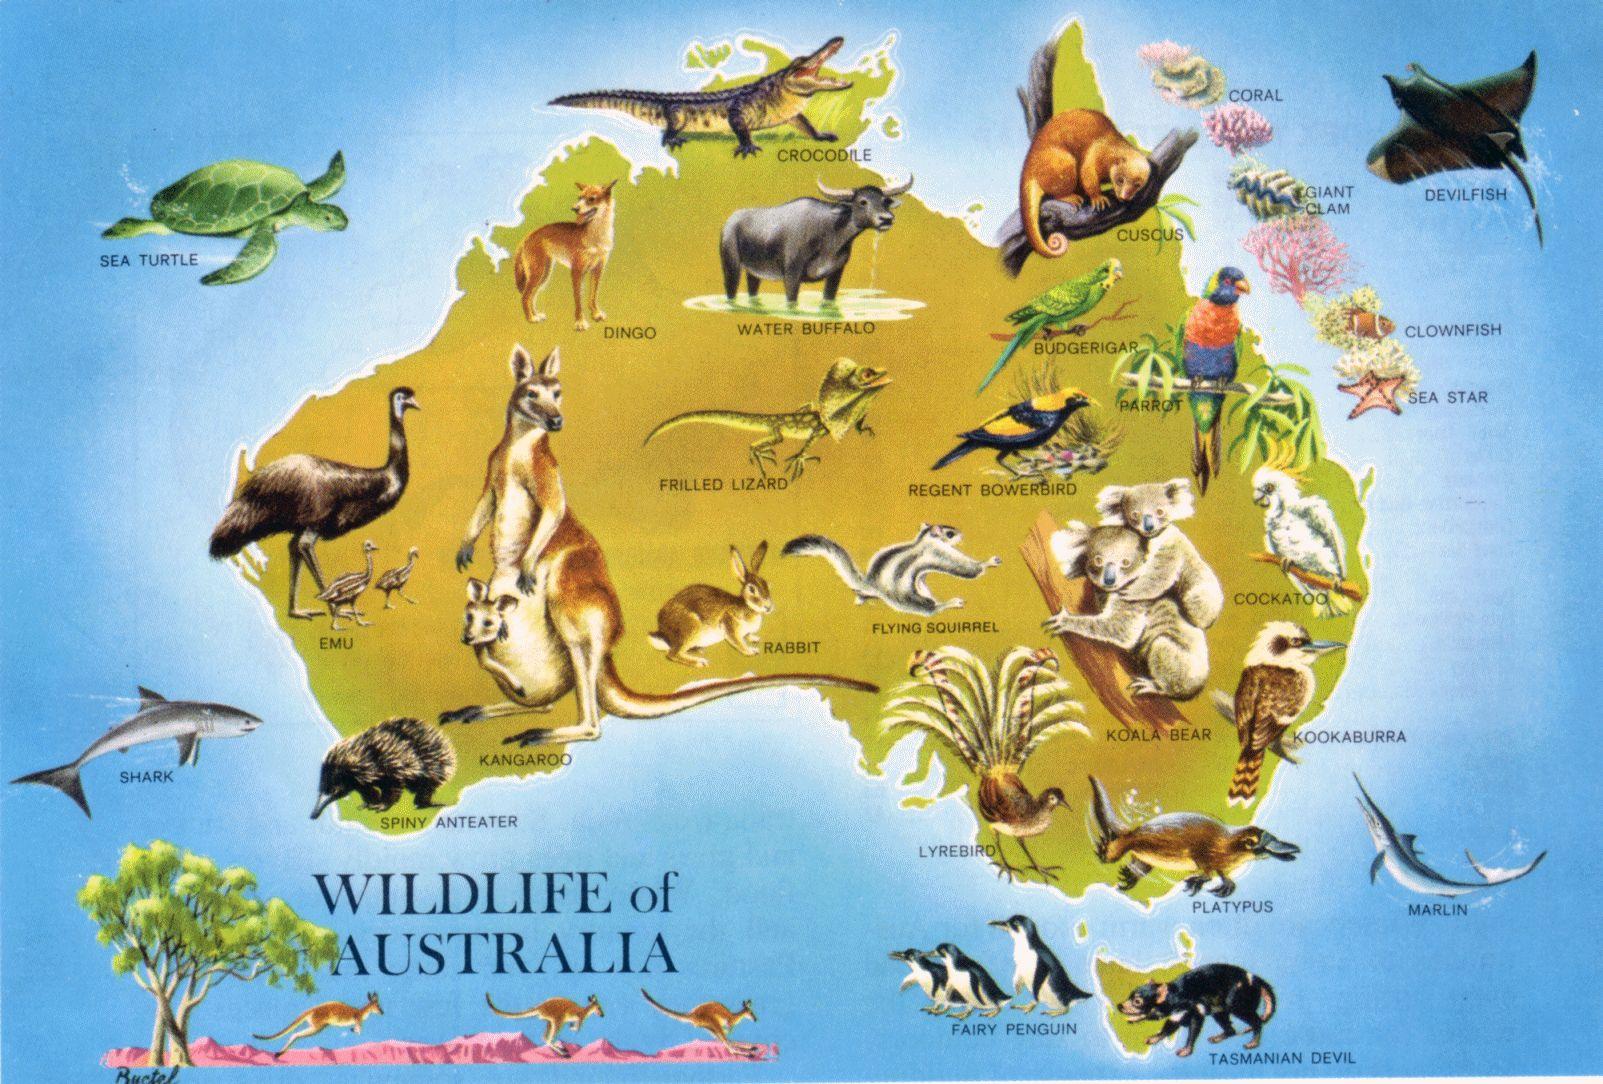 RESSOURCES Carte illustrée de la vie sauvage en